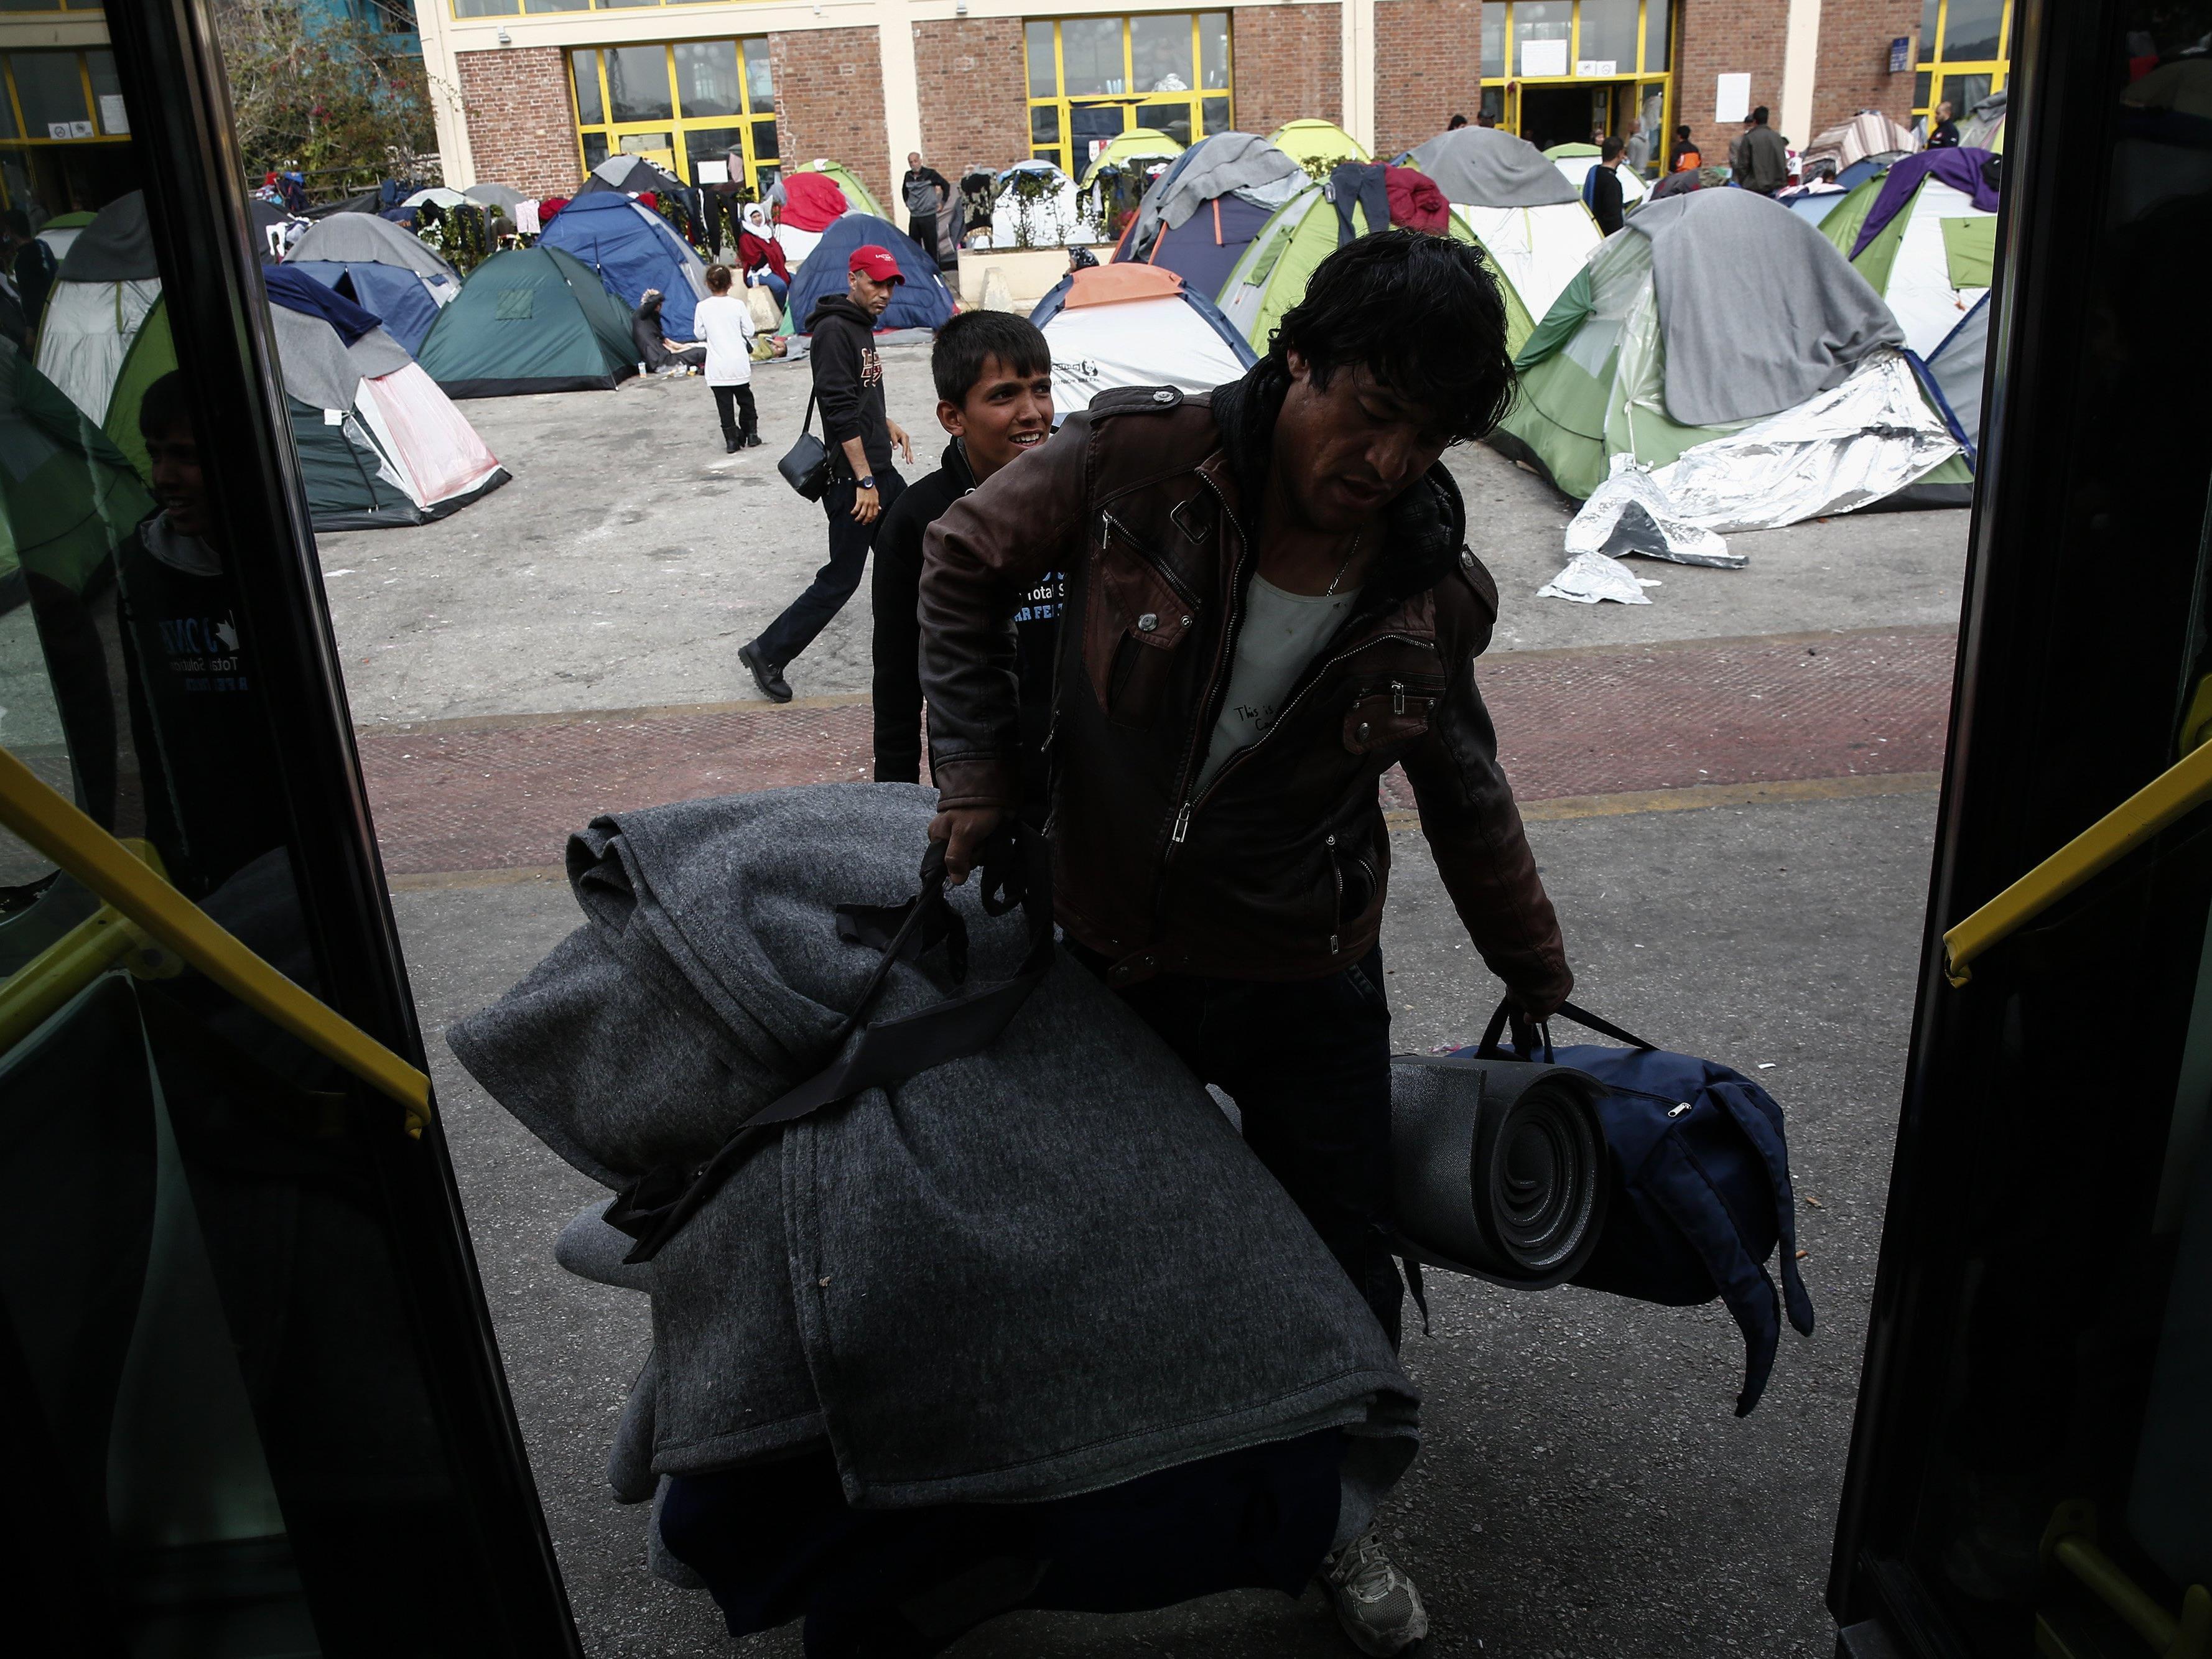 Pakt mit der Türkei sieht eine Rückführung von Migranten nach Griechenland vor - Menschenrechtler sind empört.